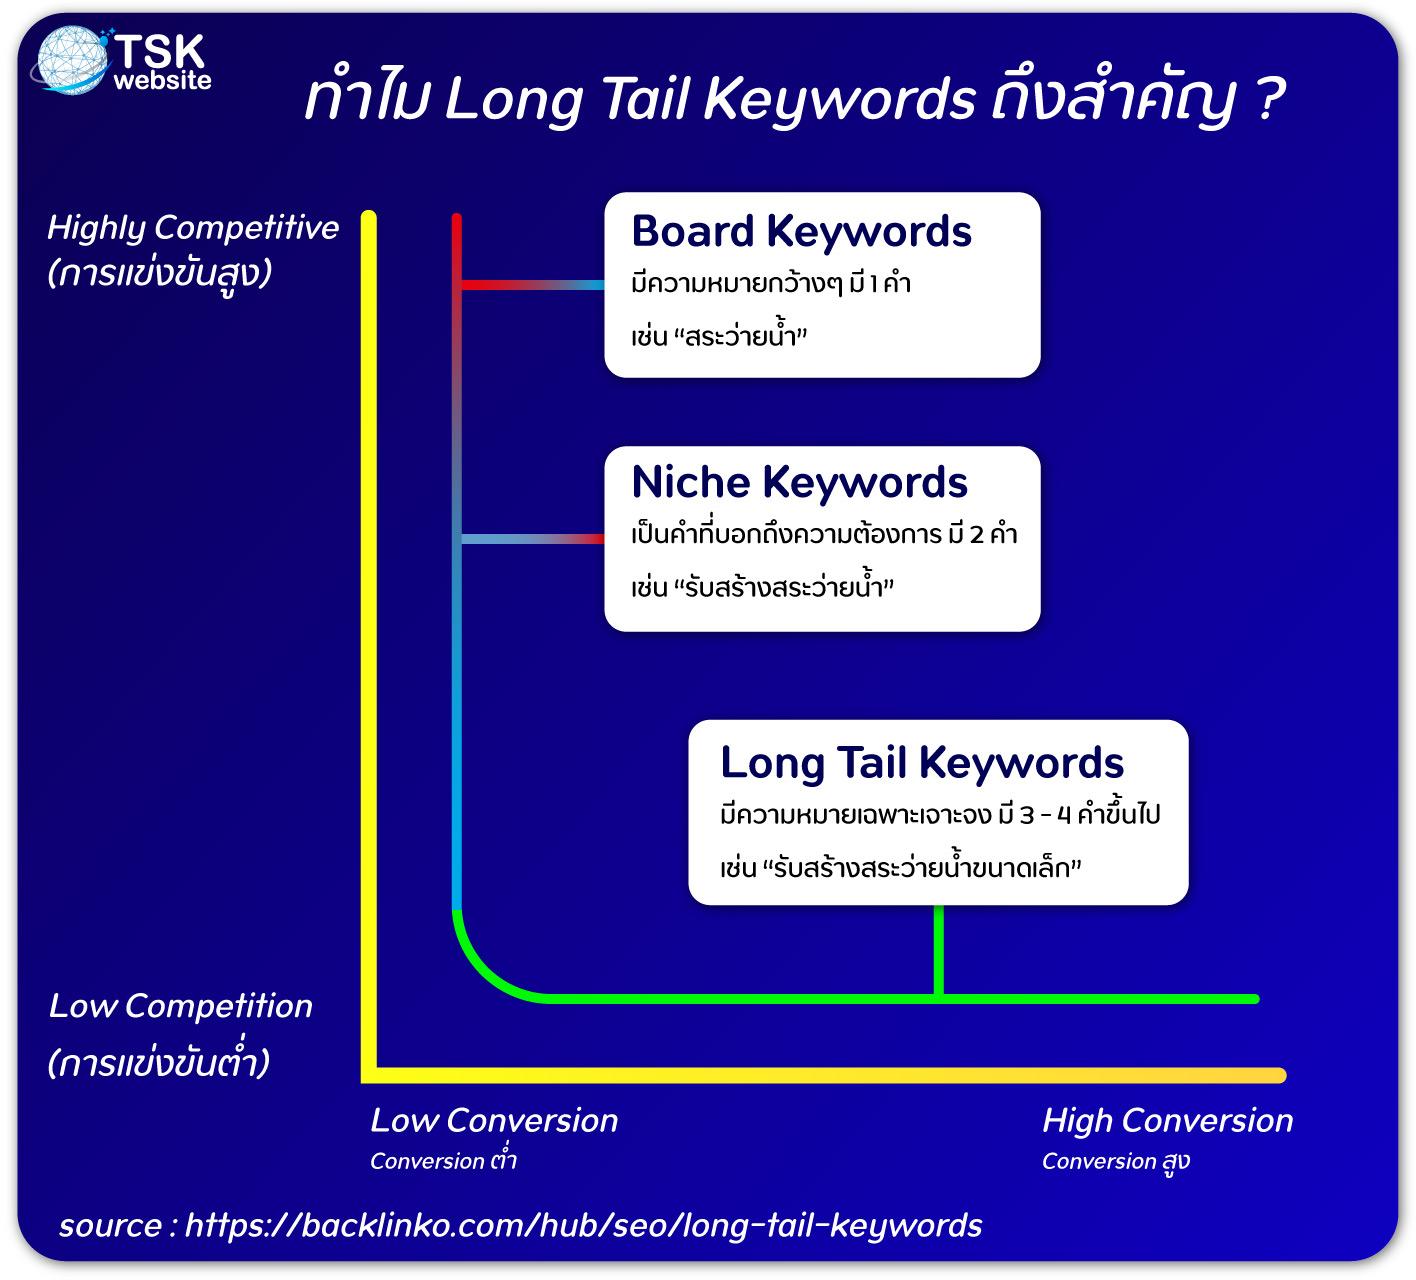 ทำไม Long Tail Keywords ถึงสำคัญ